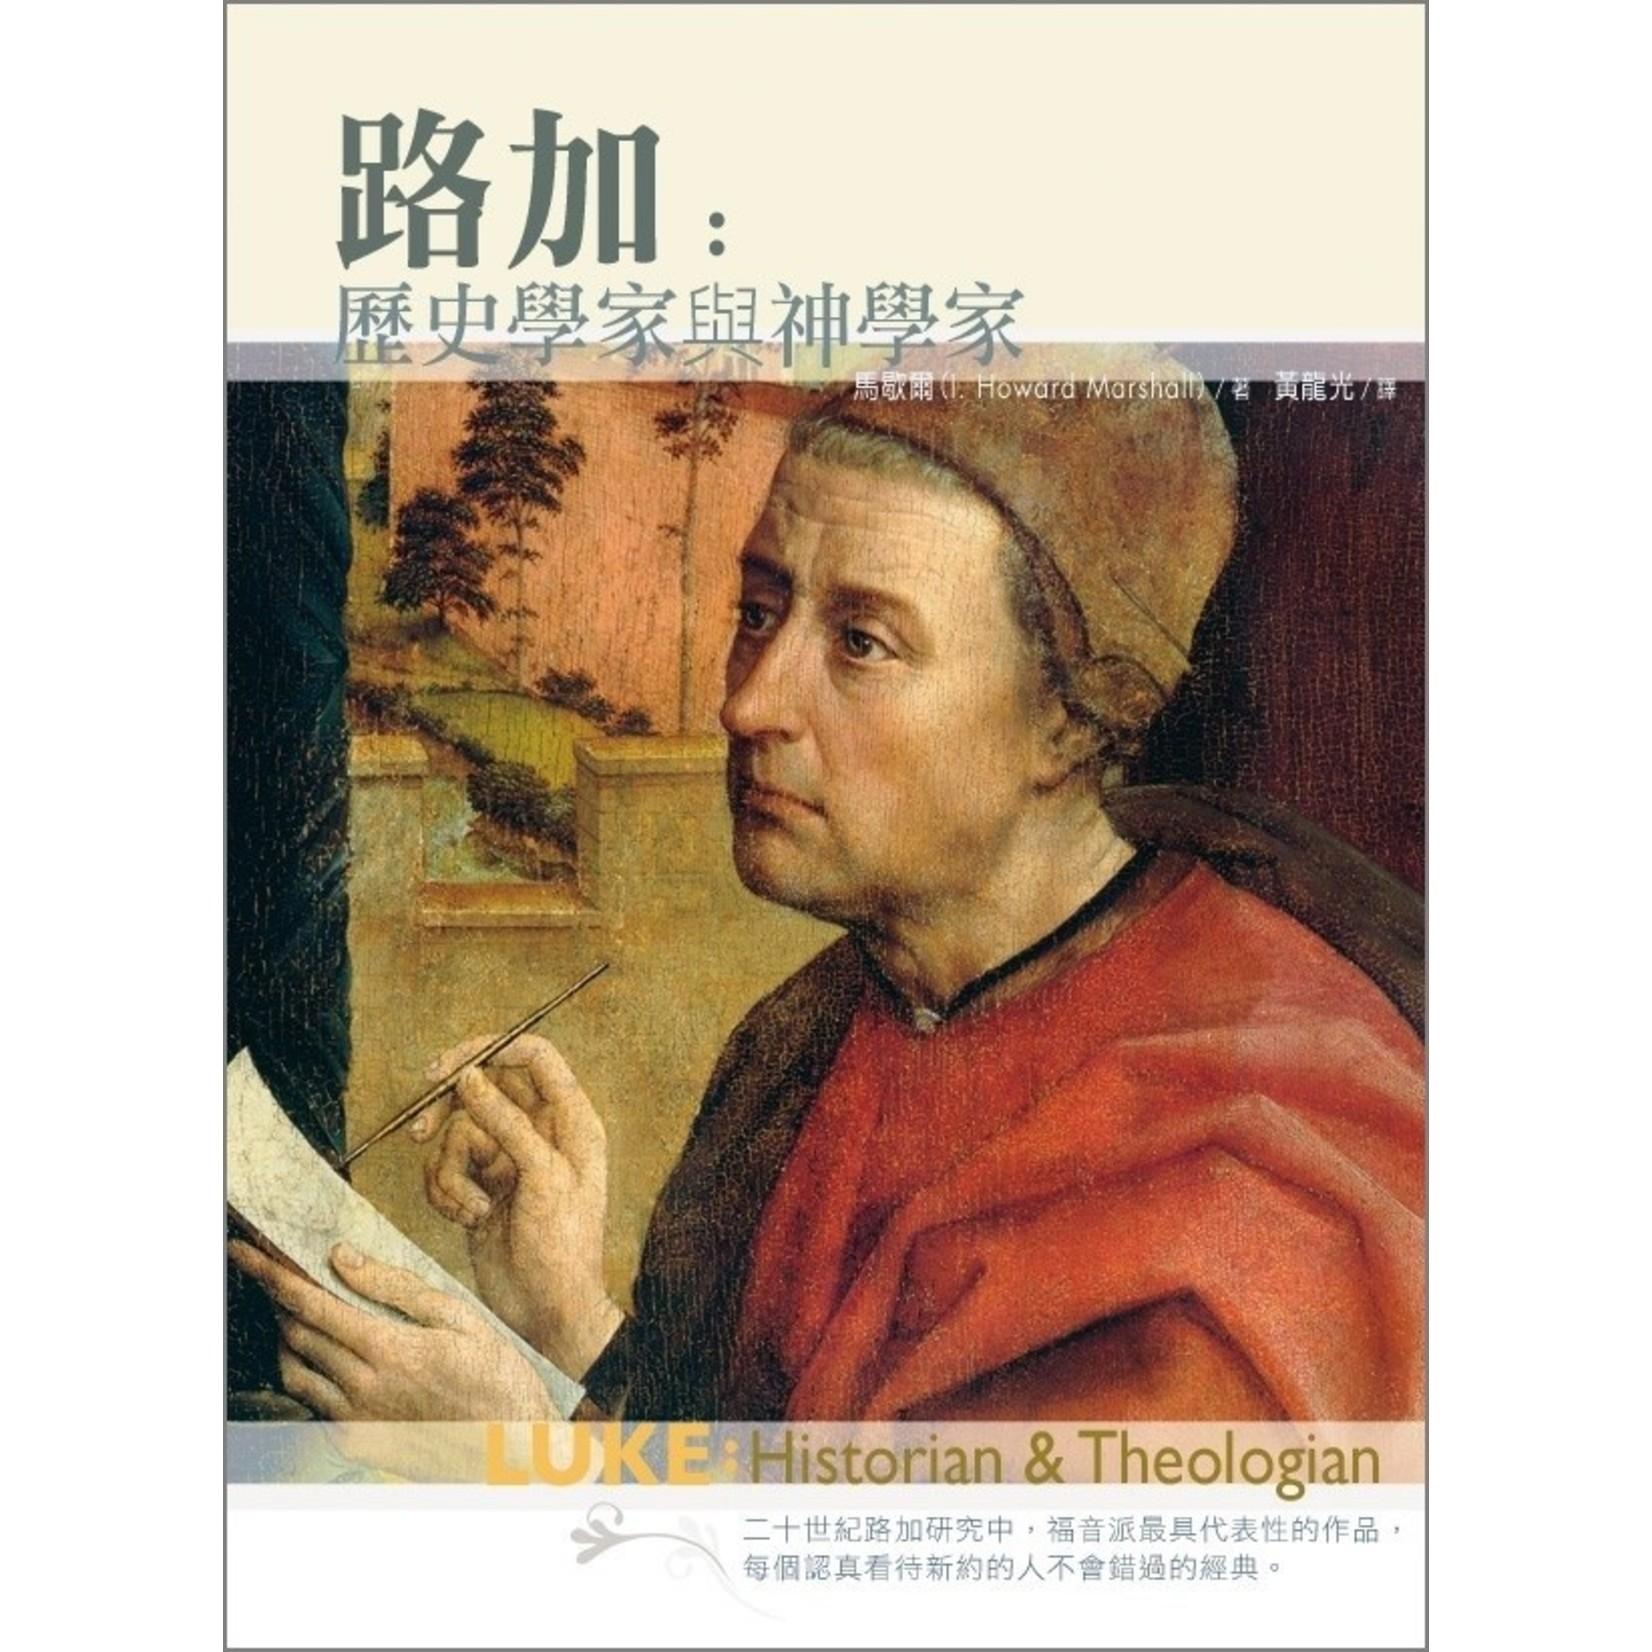 校園書房 Campus Books 路加:歷史學家與神學家 Luke: Historian and Theologian